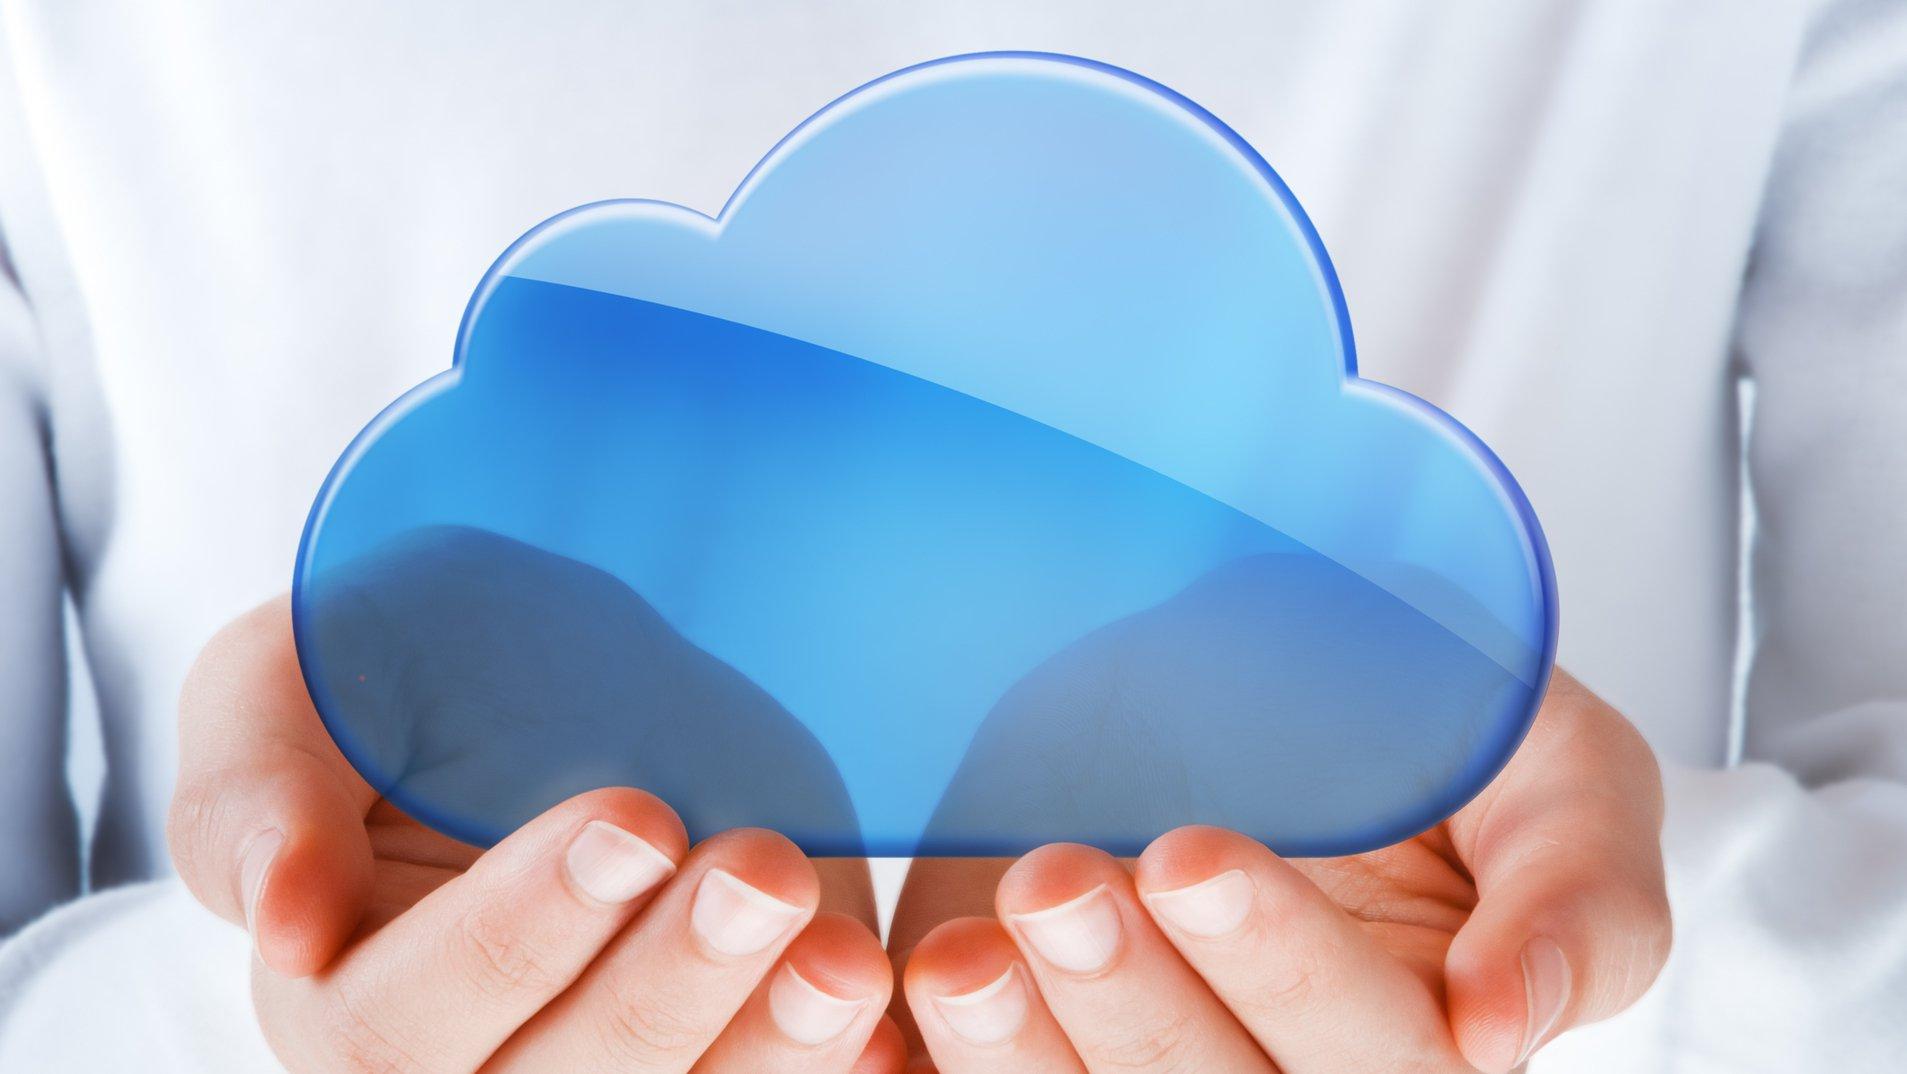 Understanding Cloud Computing: SaaS, PaaS, IaaS – Part I